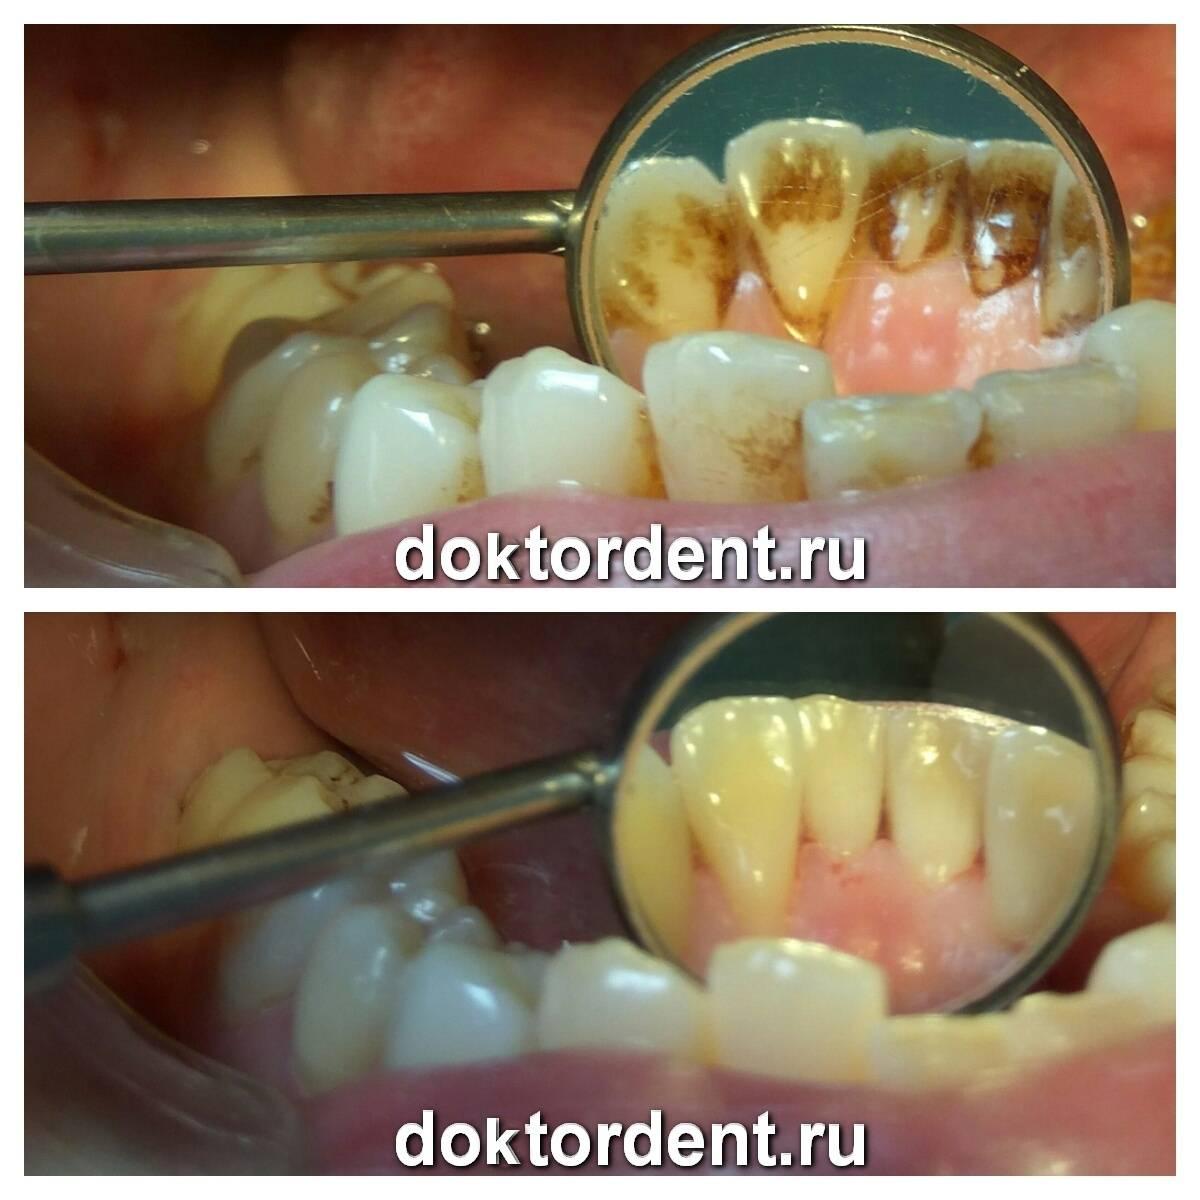 Можно ли делать чистку и отбеливание зубов при беременности?